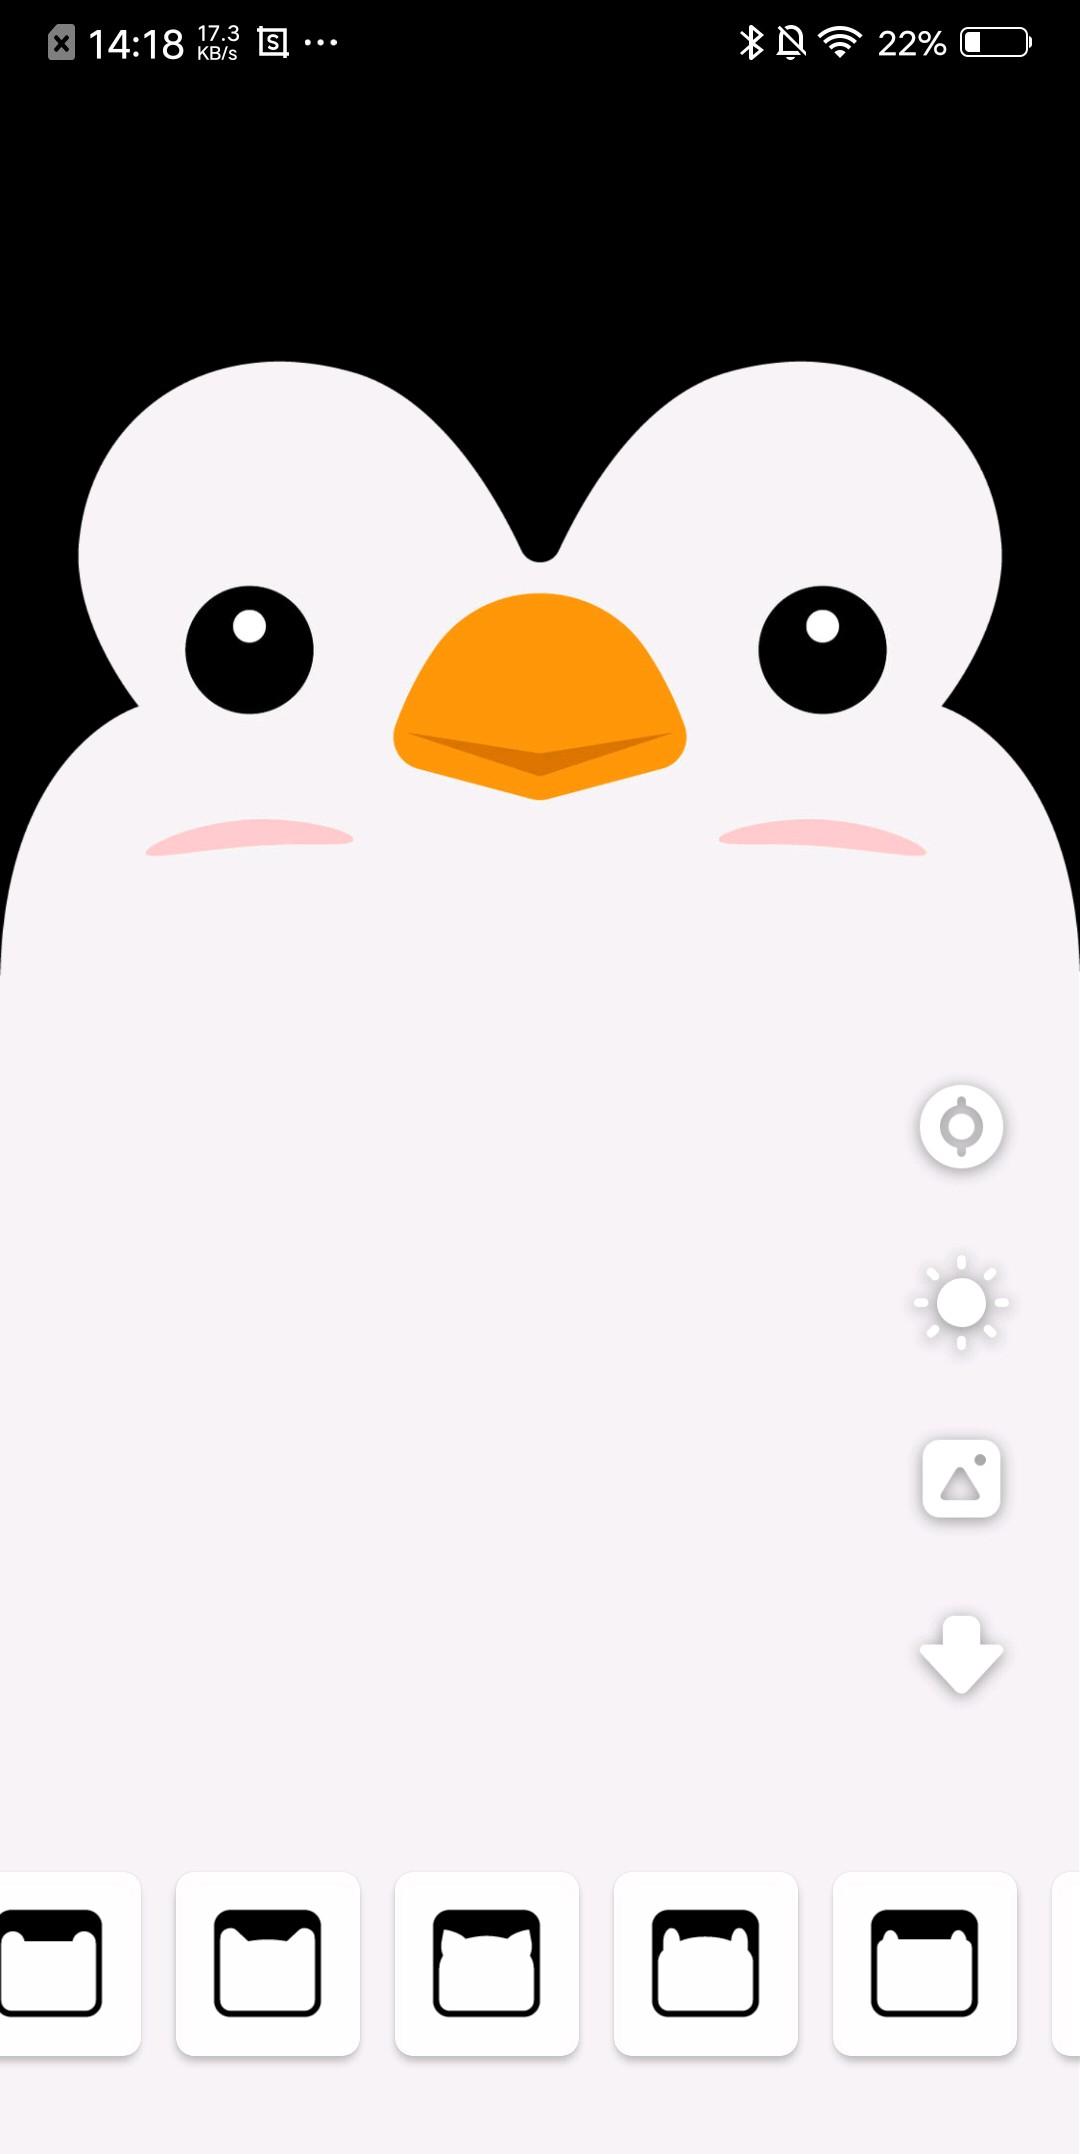 69 分享一个可以给刘海手机制作壁纸的app  作为一个刘海屏有深深图片